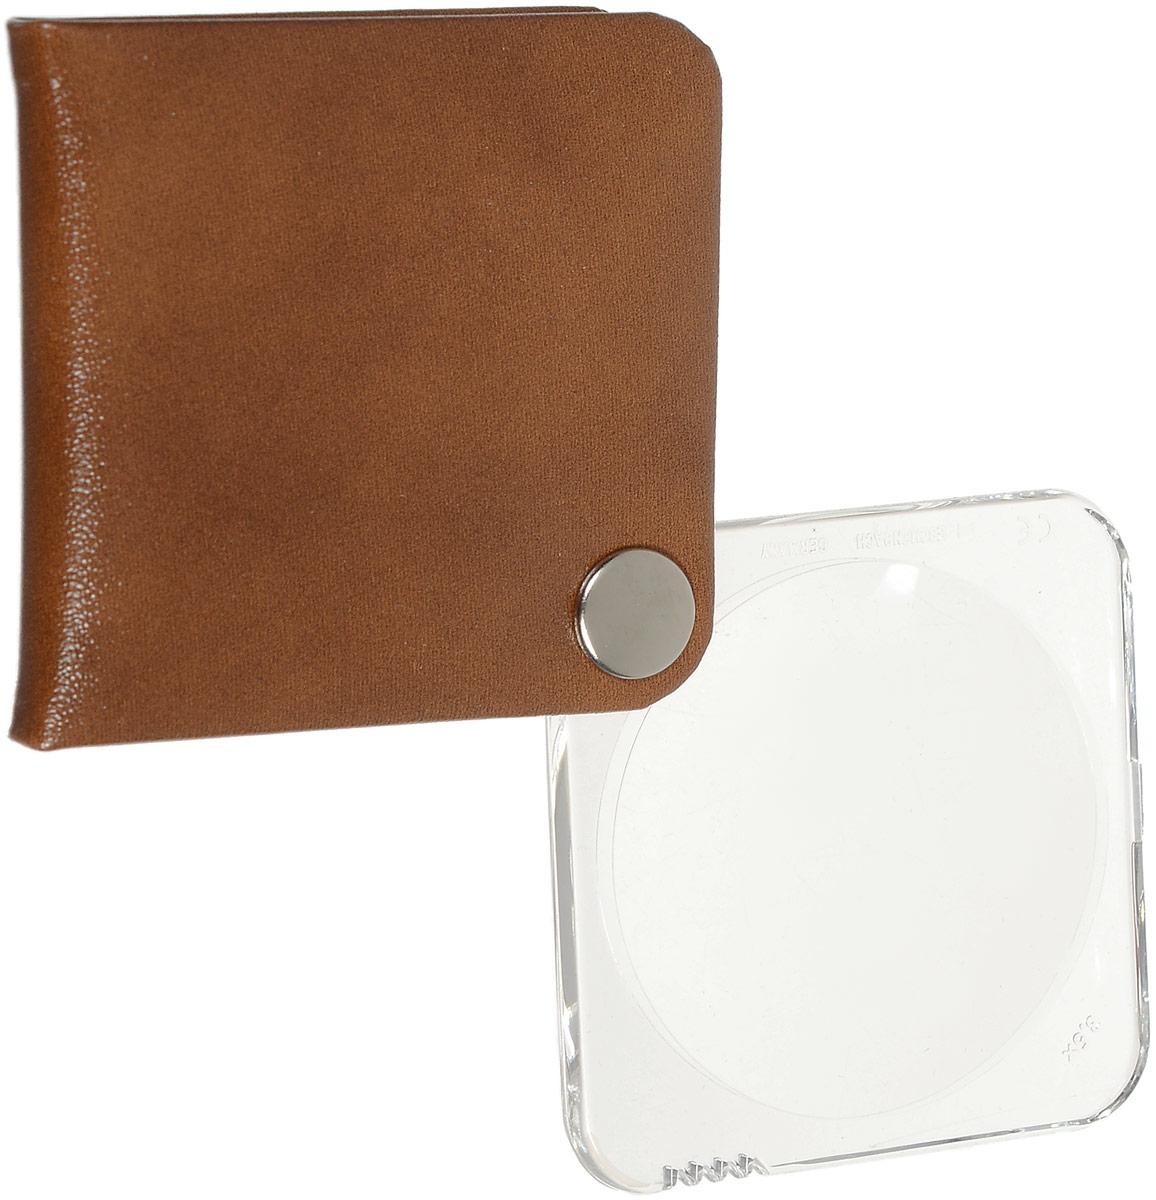 Лупа складная Eschenbach  Classic , цвет: коричневый, 3.5х 10.0 дптр, диаметр 5 см - Лупы